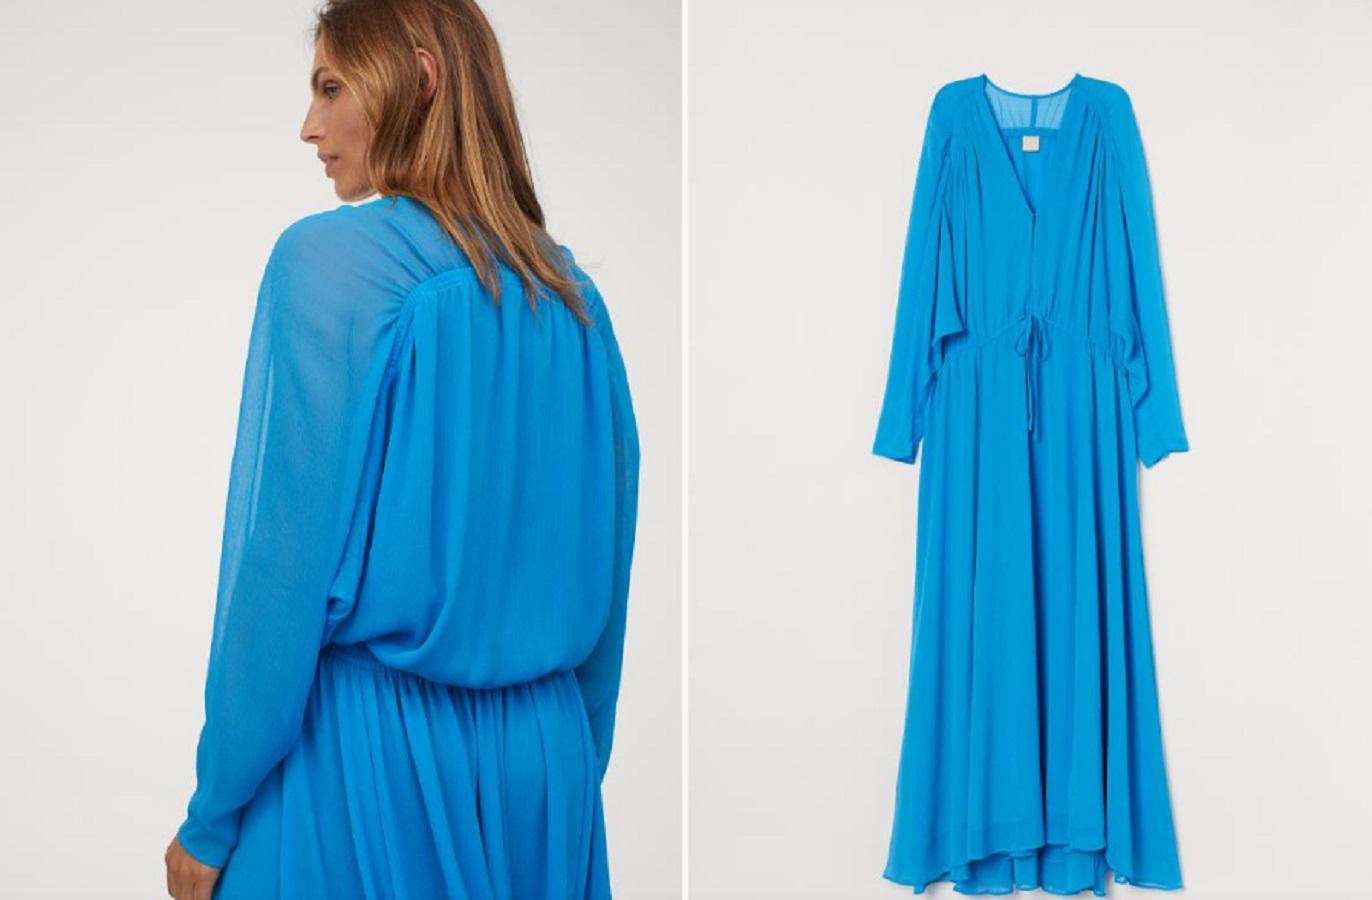 L'abito azzurro H&M per salutare questo agosto con stile